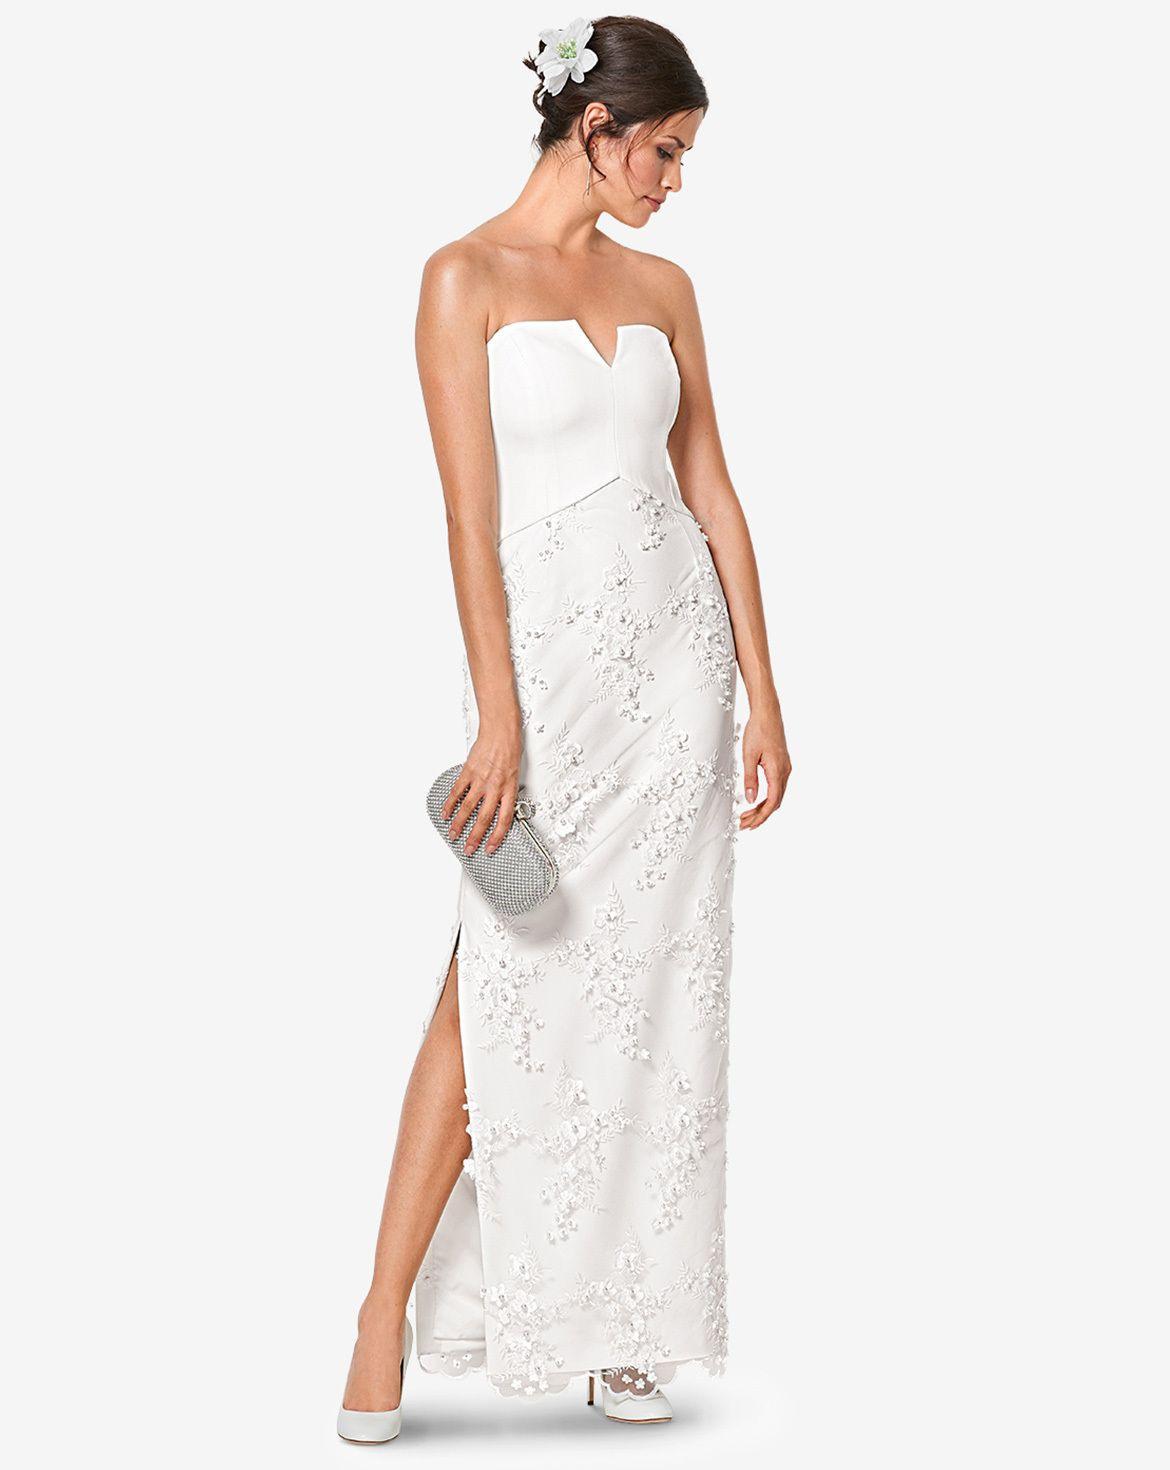 15 Genial Abendkleid Selber Nähen Stylish15 Schön Abendkleid Selber Nähen Boutique